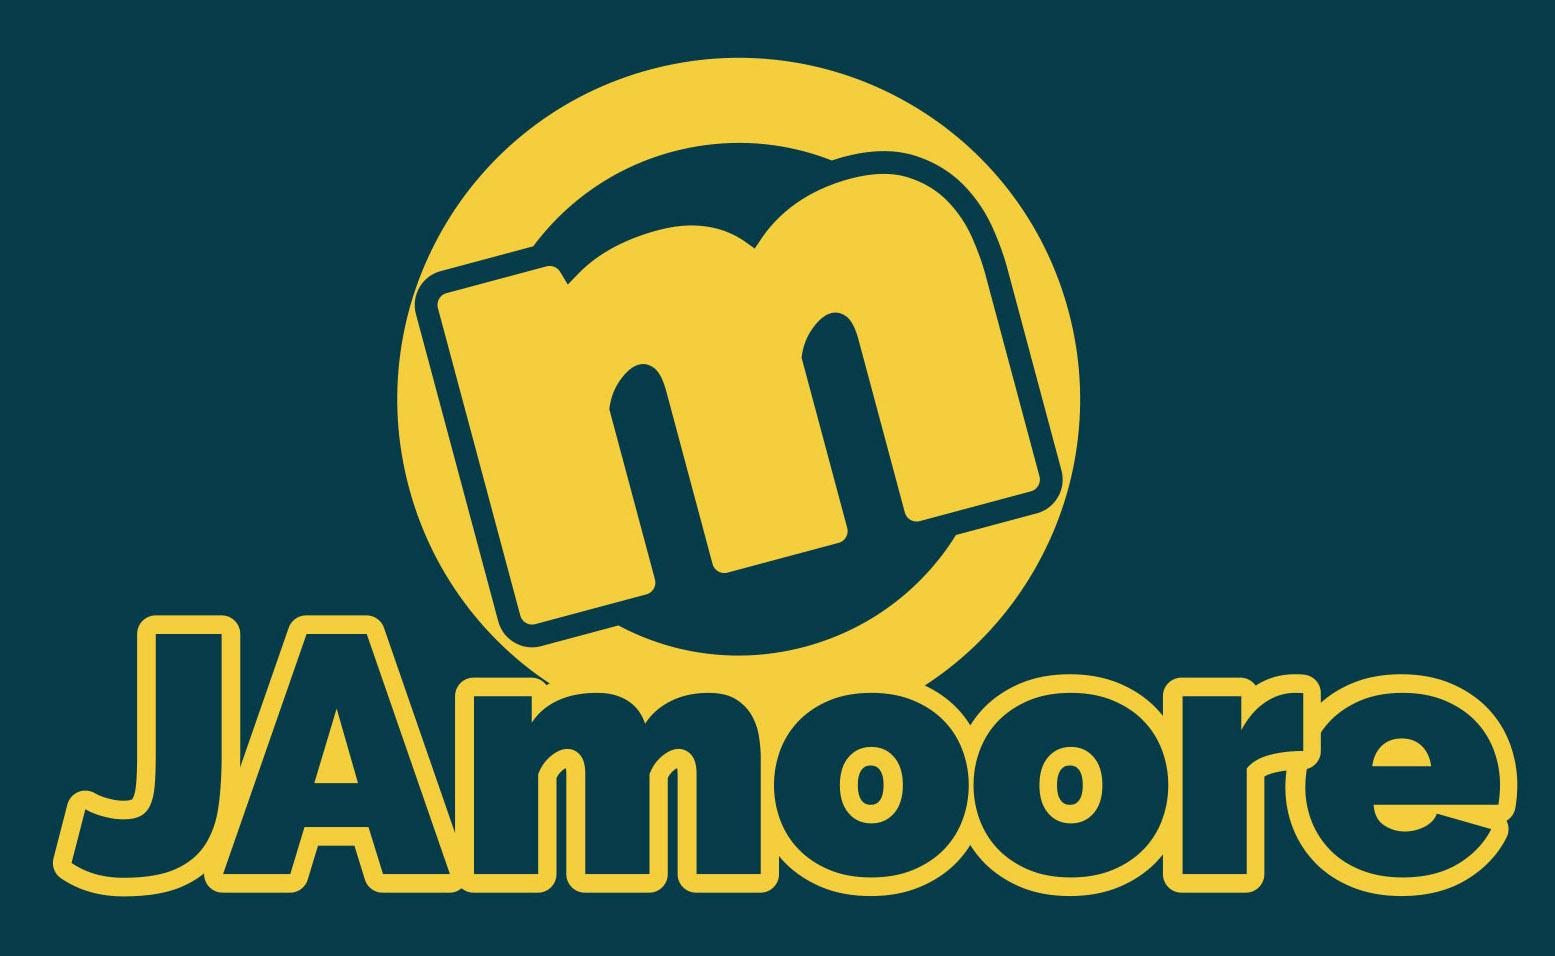 JA Moore